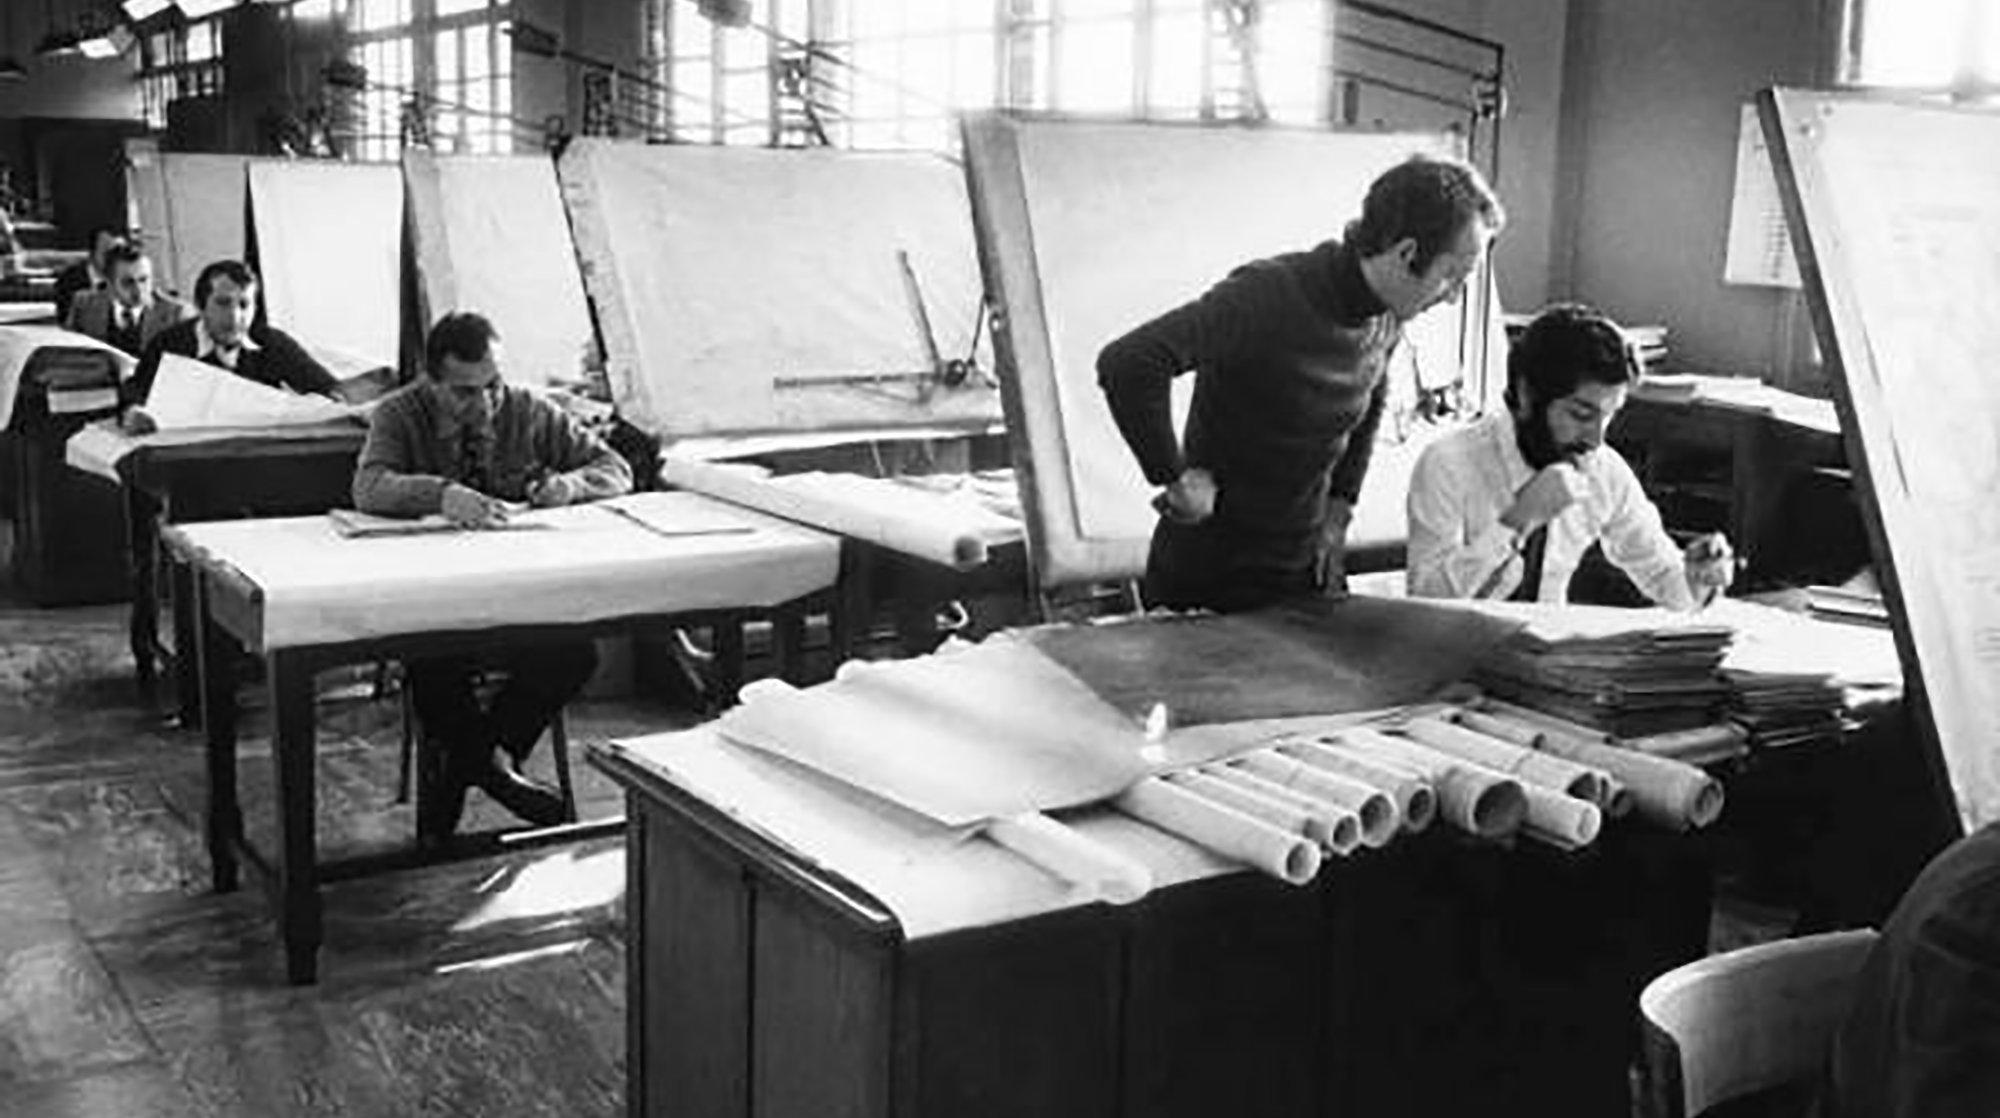 Ufficio Progetti Architetti Associati : Giulio fenyves arco associati studio di architettura a milano